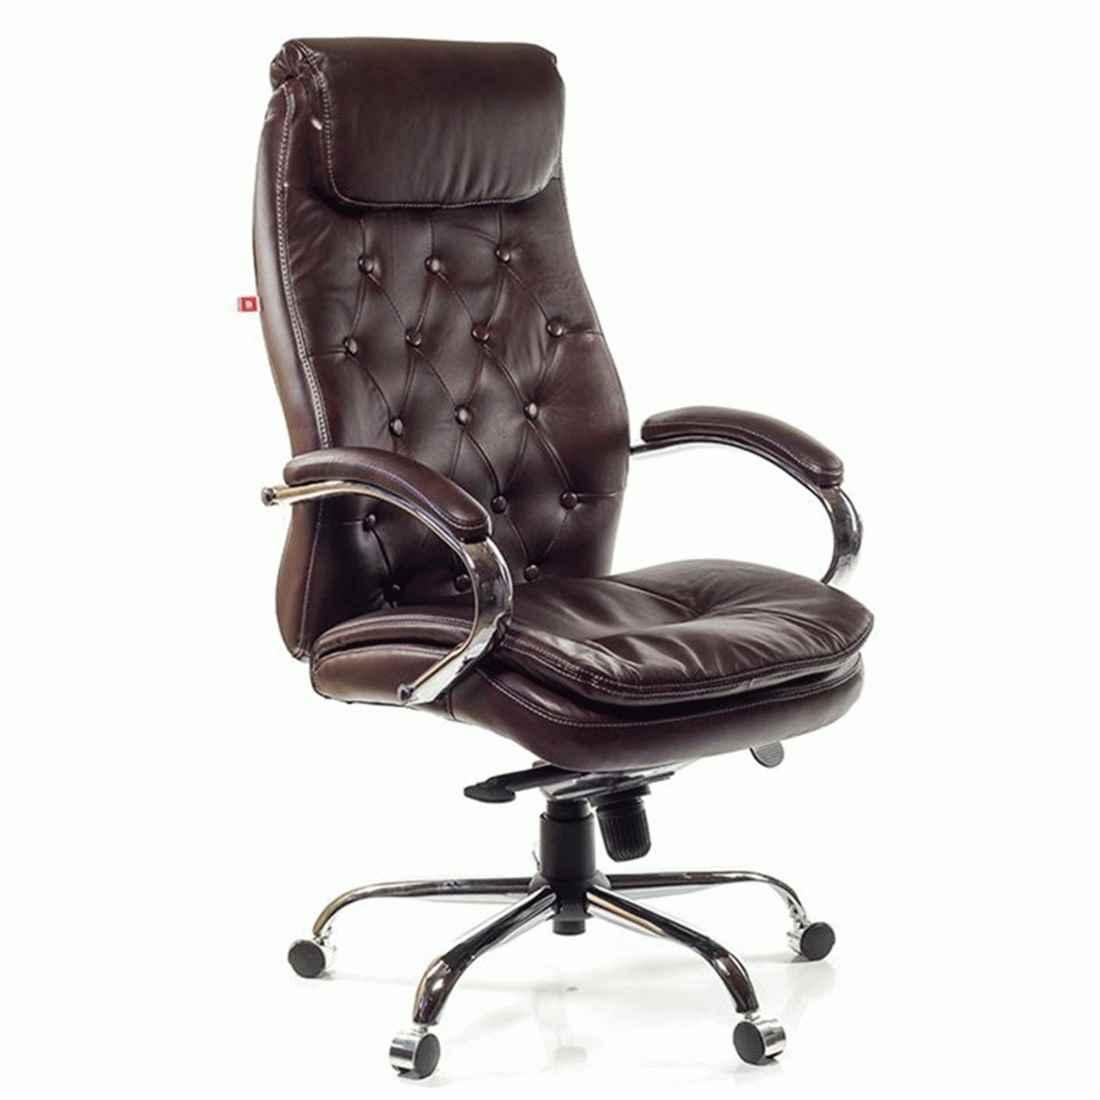 Красивое компьютерное кресло фото, картинки 12